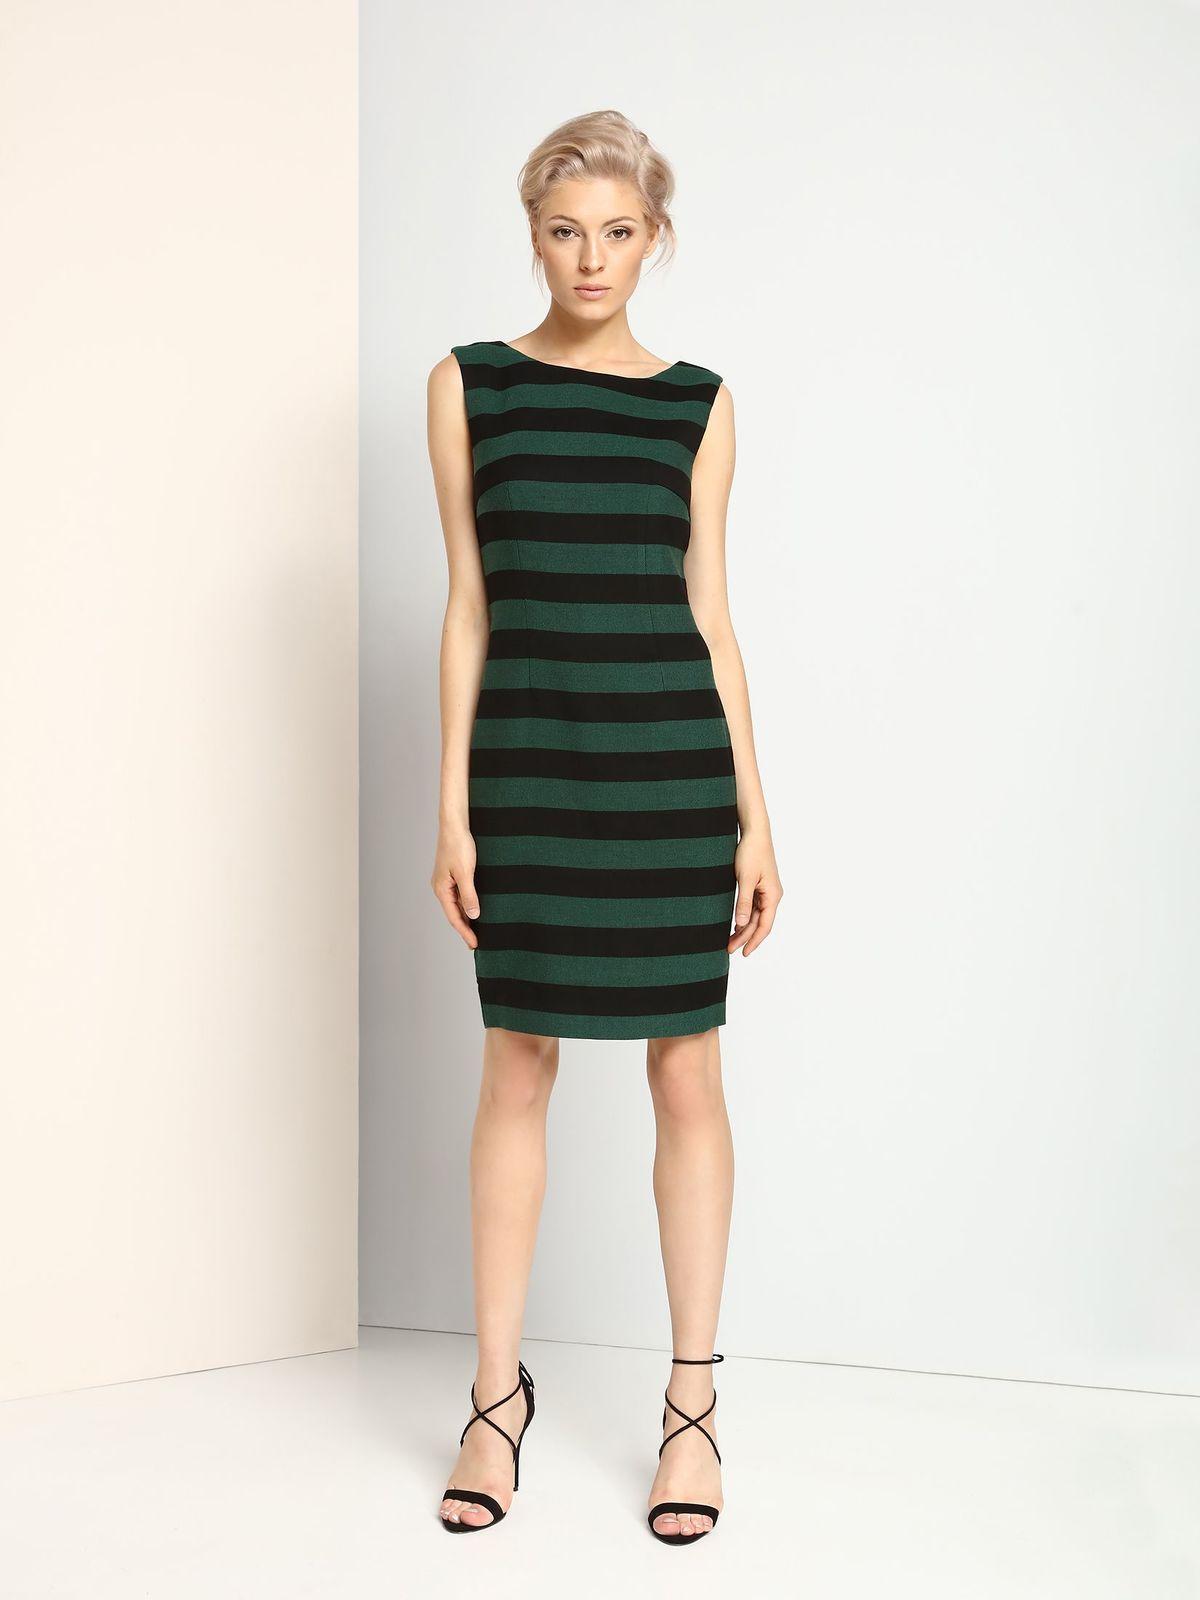 TOP SECRET γυναικειο φορεμα με ριγα